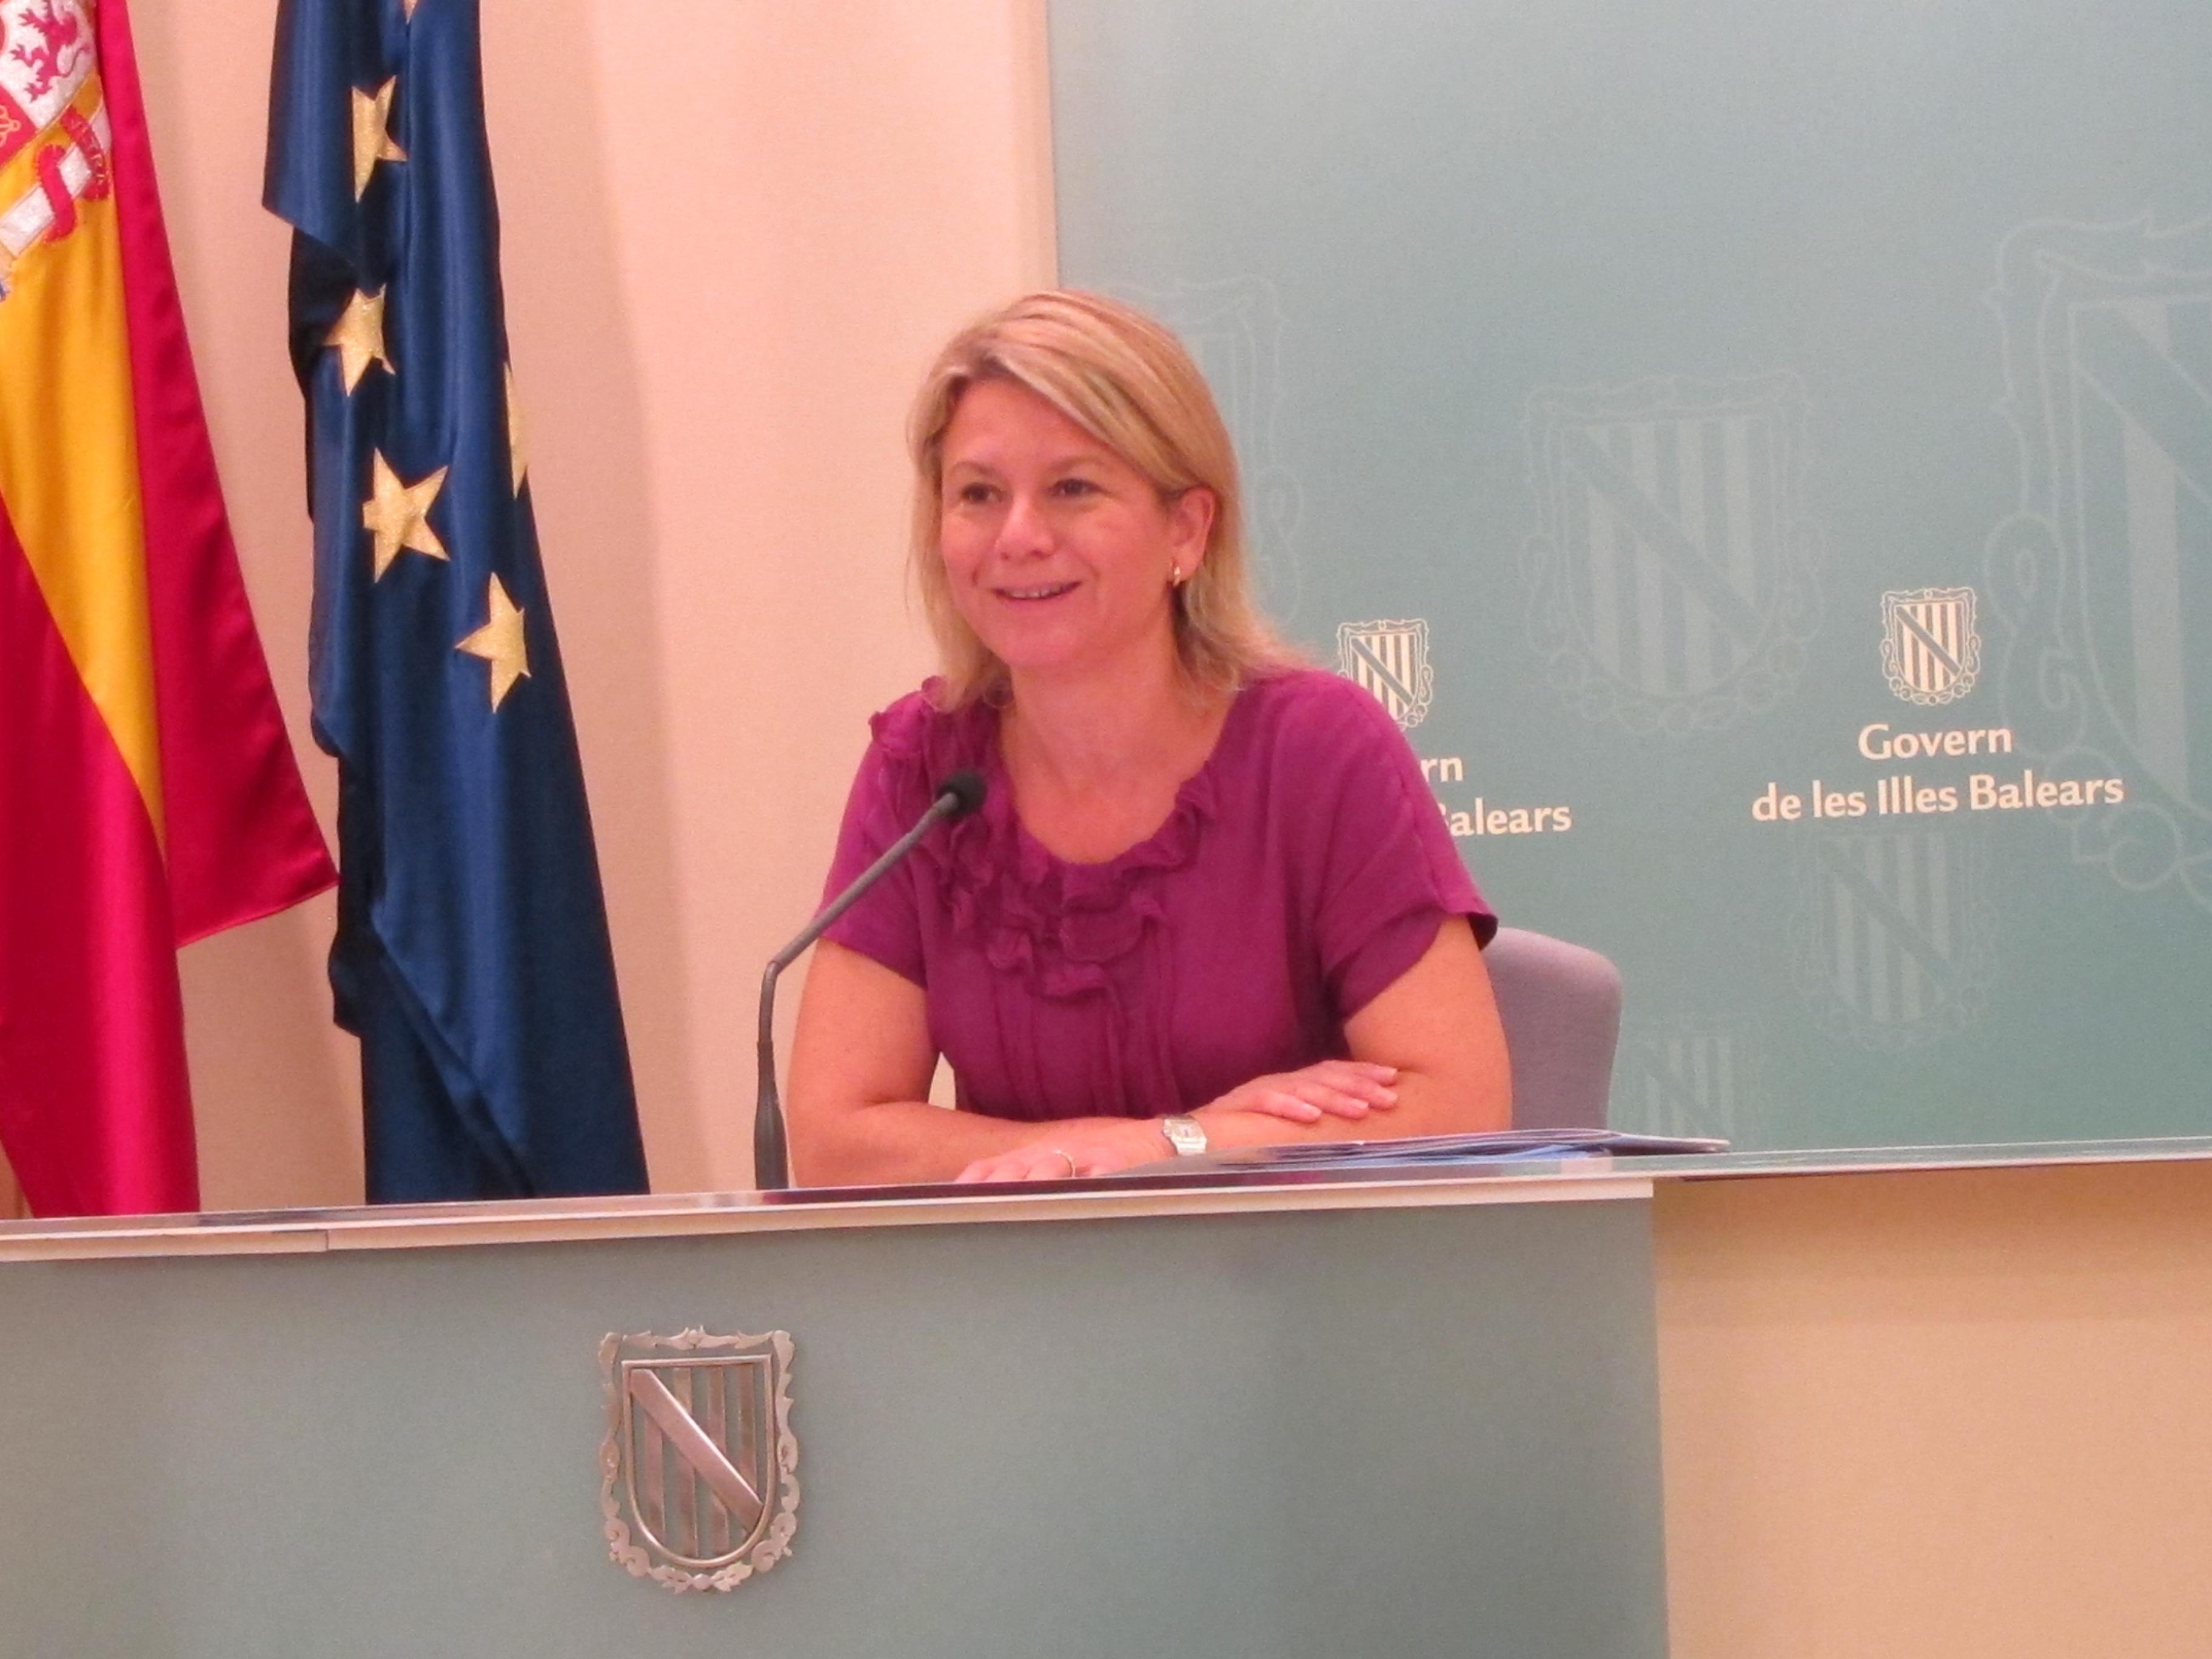 El Gobierno balear dice que el recorte de 8.000 millones no supondrá ningún «ajuste añadido» para Baleares